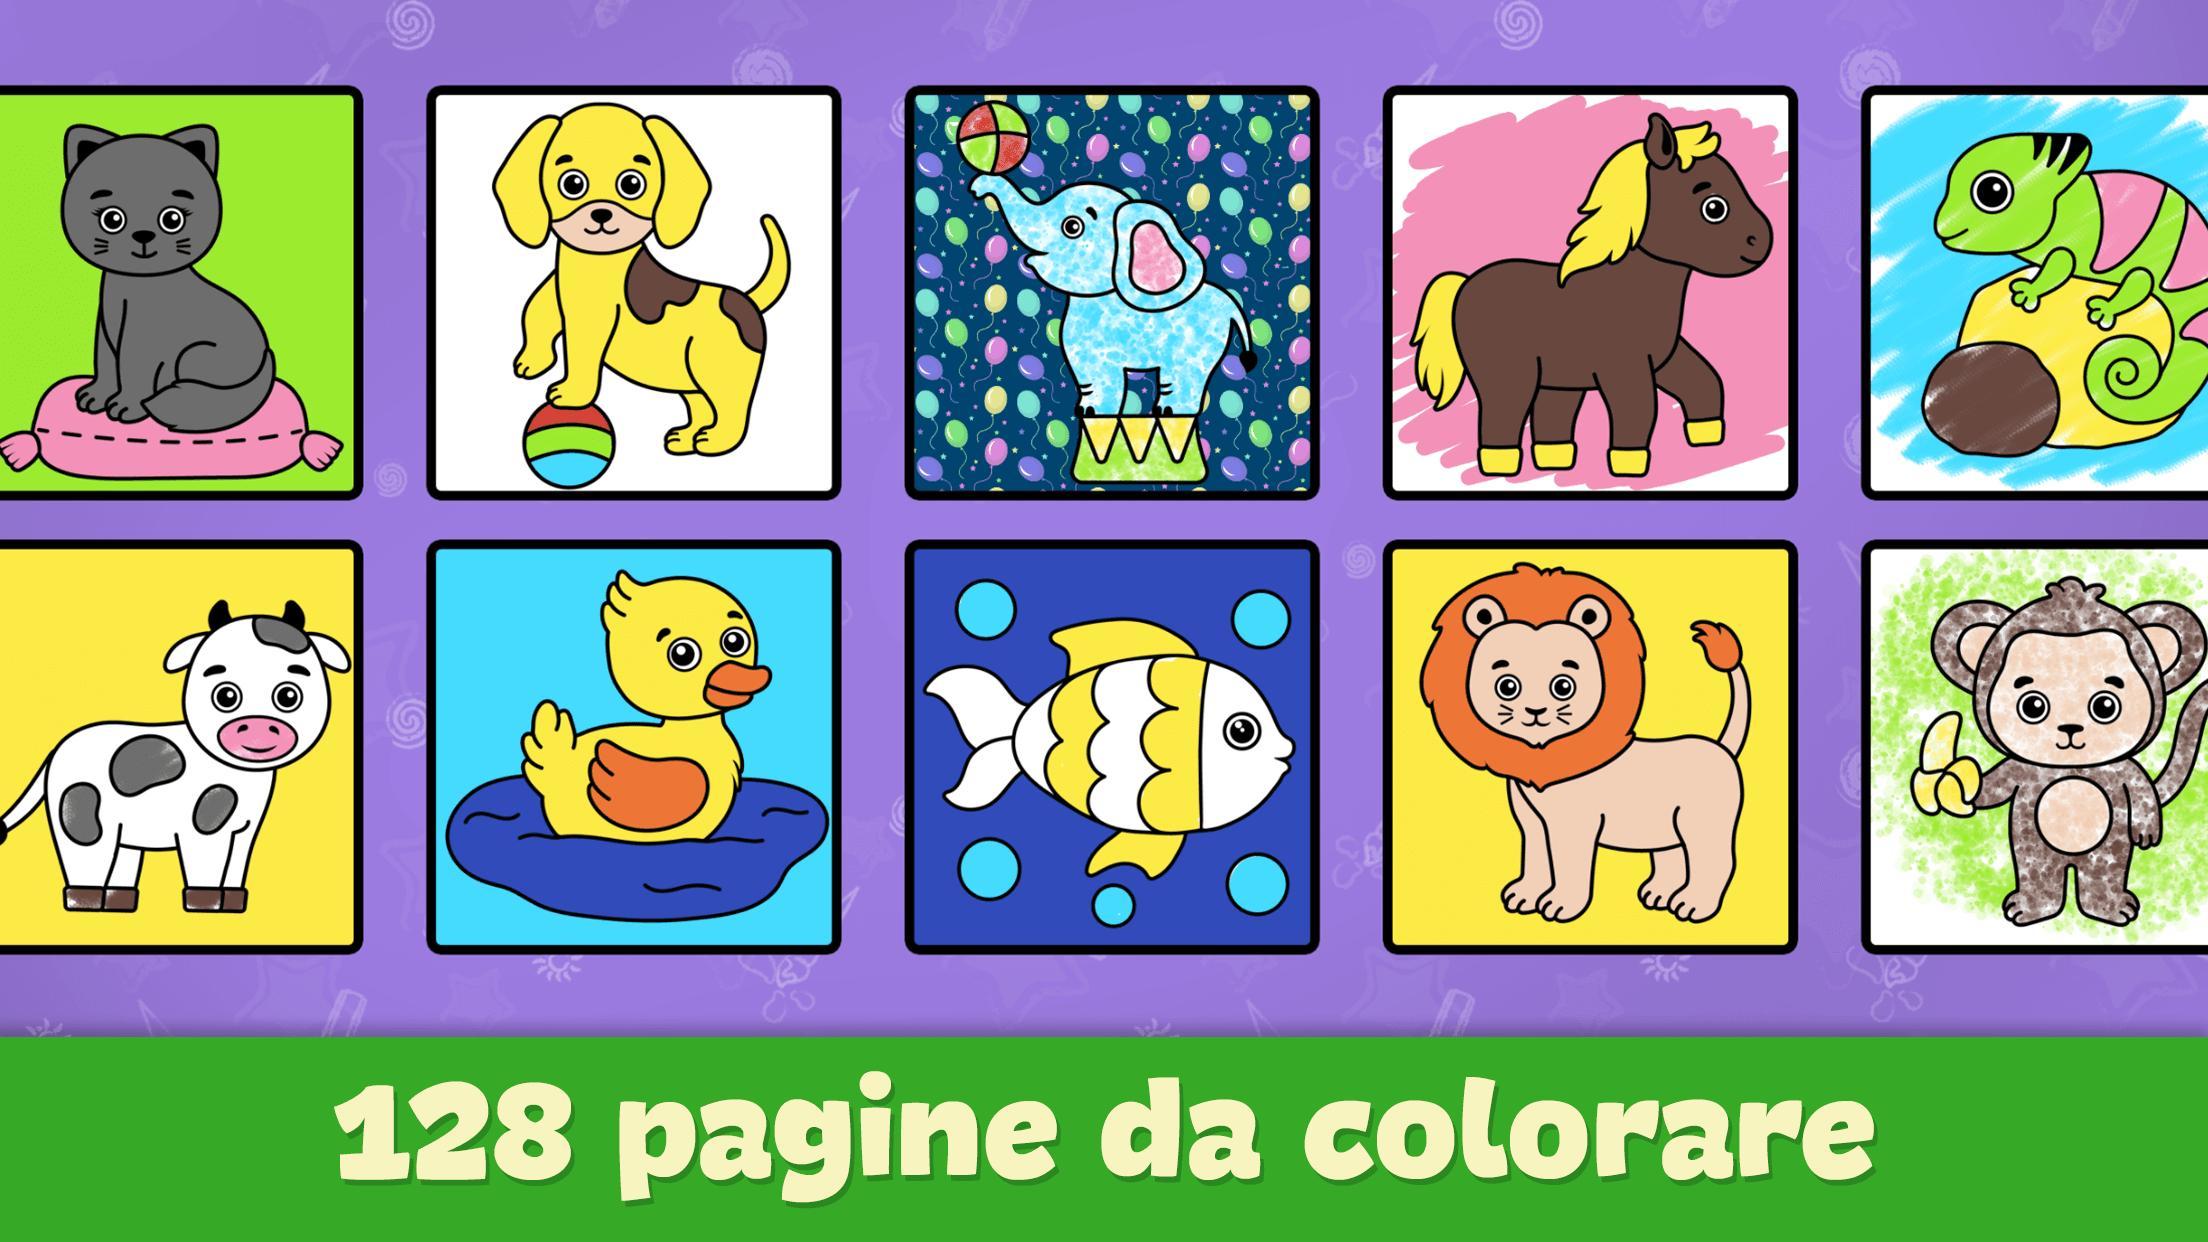 Disegni Da Colorare Per Bambini For Android Apk Download